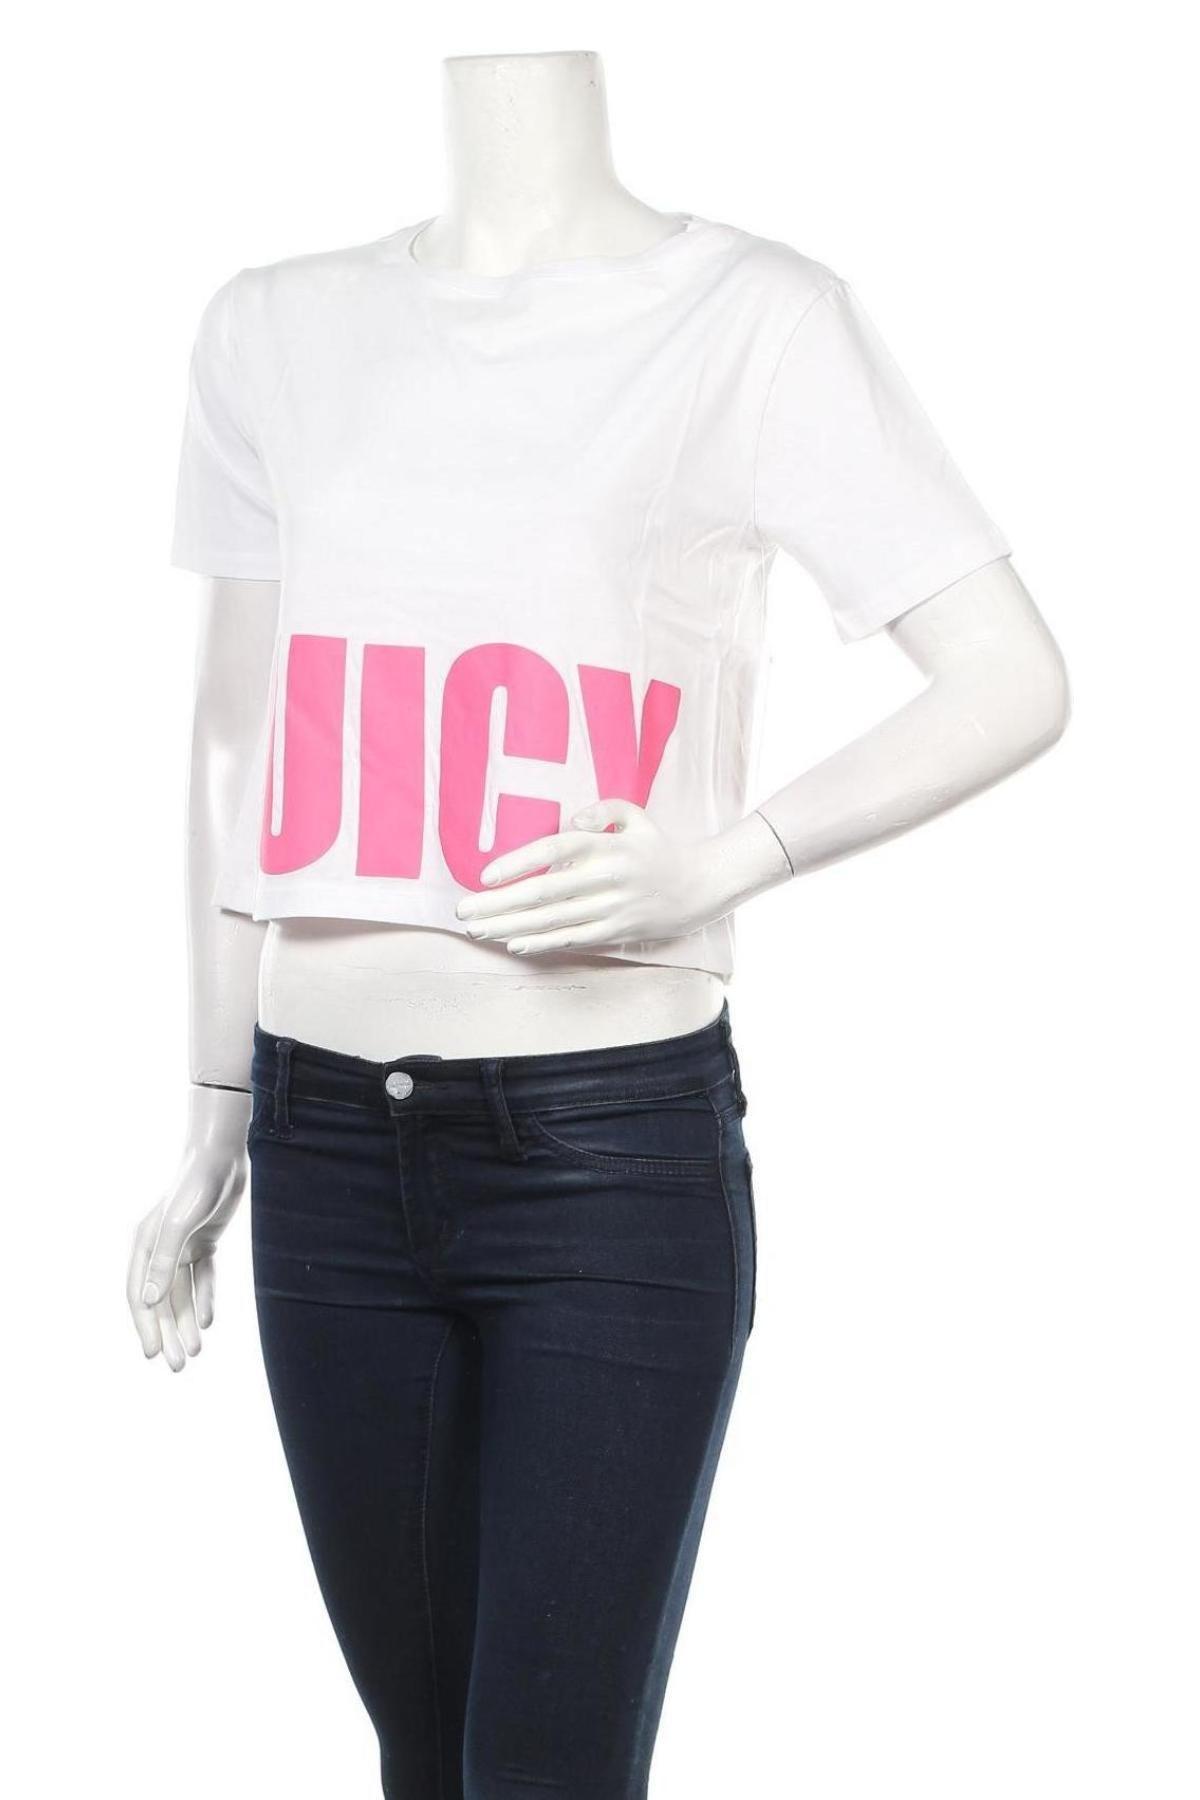 Дамска тениска Juicy Couture, Размер XS, Цвят Бял, 100% памук, Цена 37,20лв.